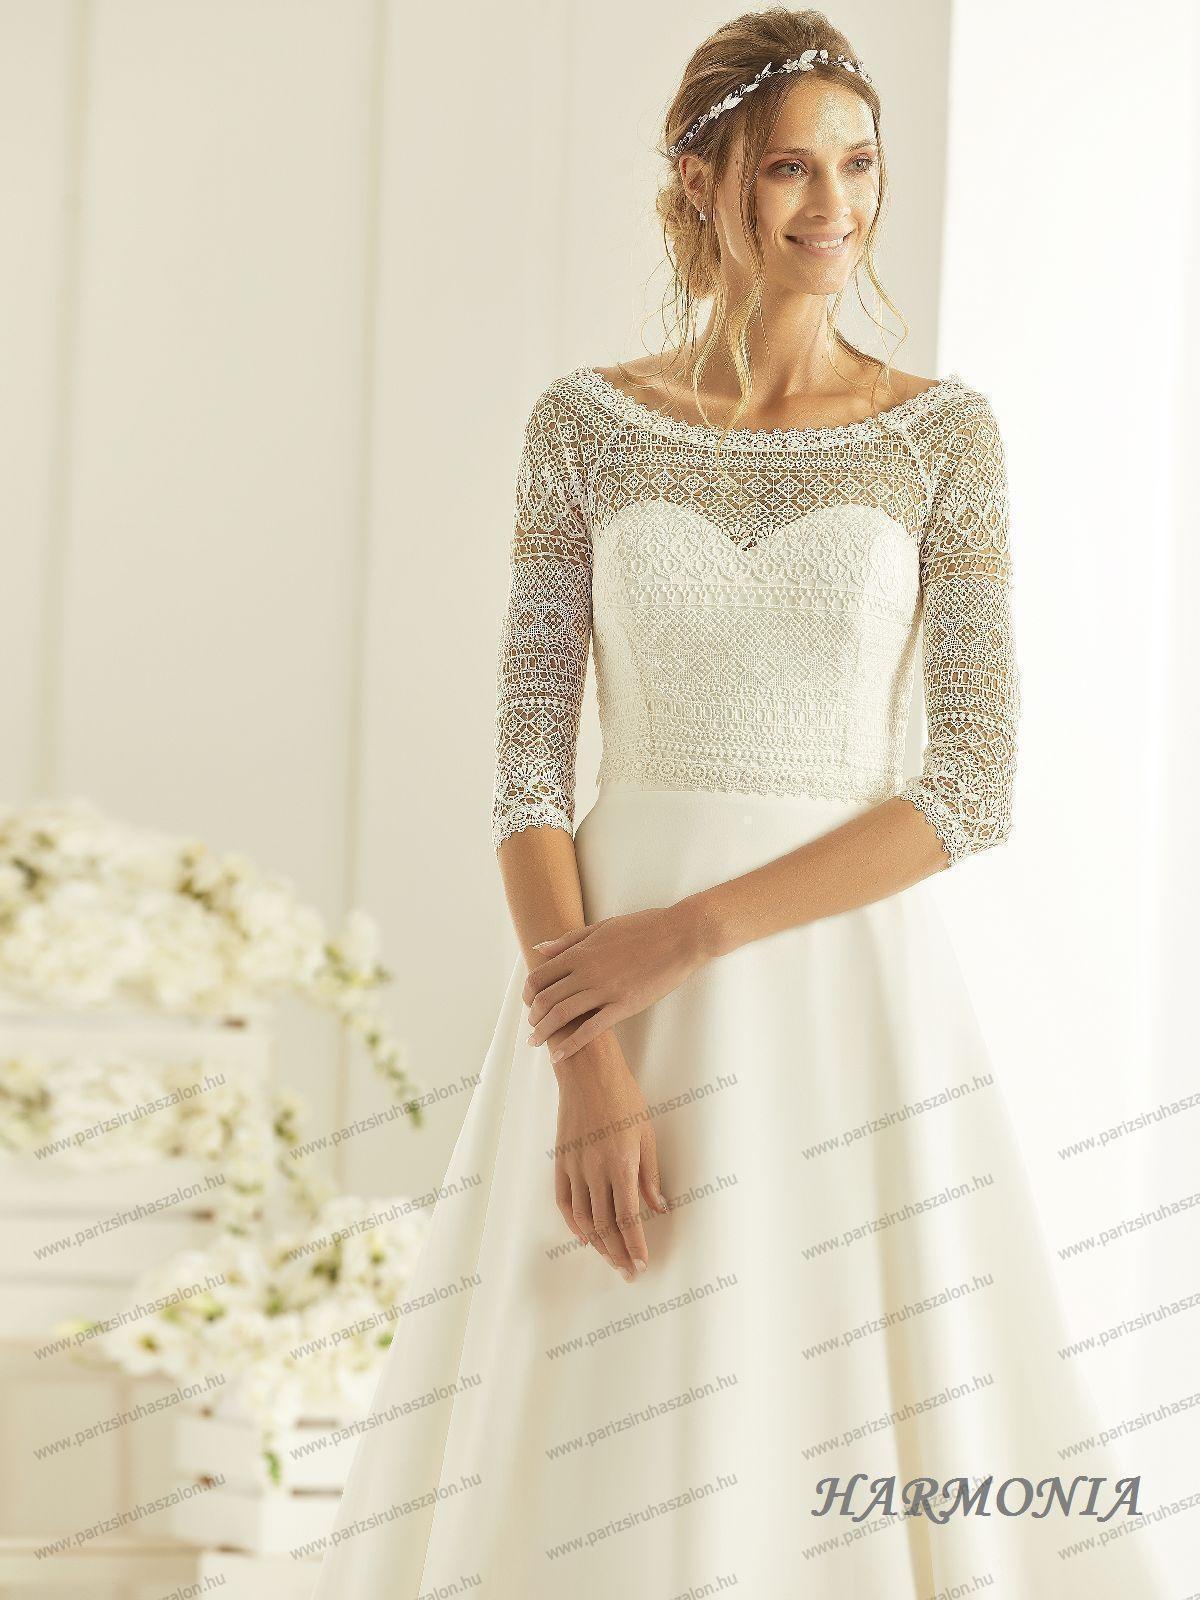 5c90838466 HARMONIA menyasszonyi ruha   BIANCO EVENTO német hosszú, és rövid  menyasszonyi ruhák. (cikkszám: HARMONIA menyasszonyi ruha)